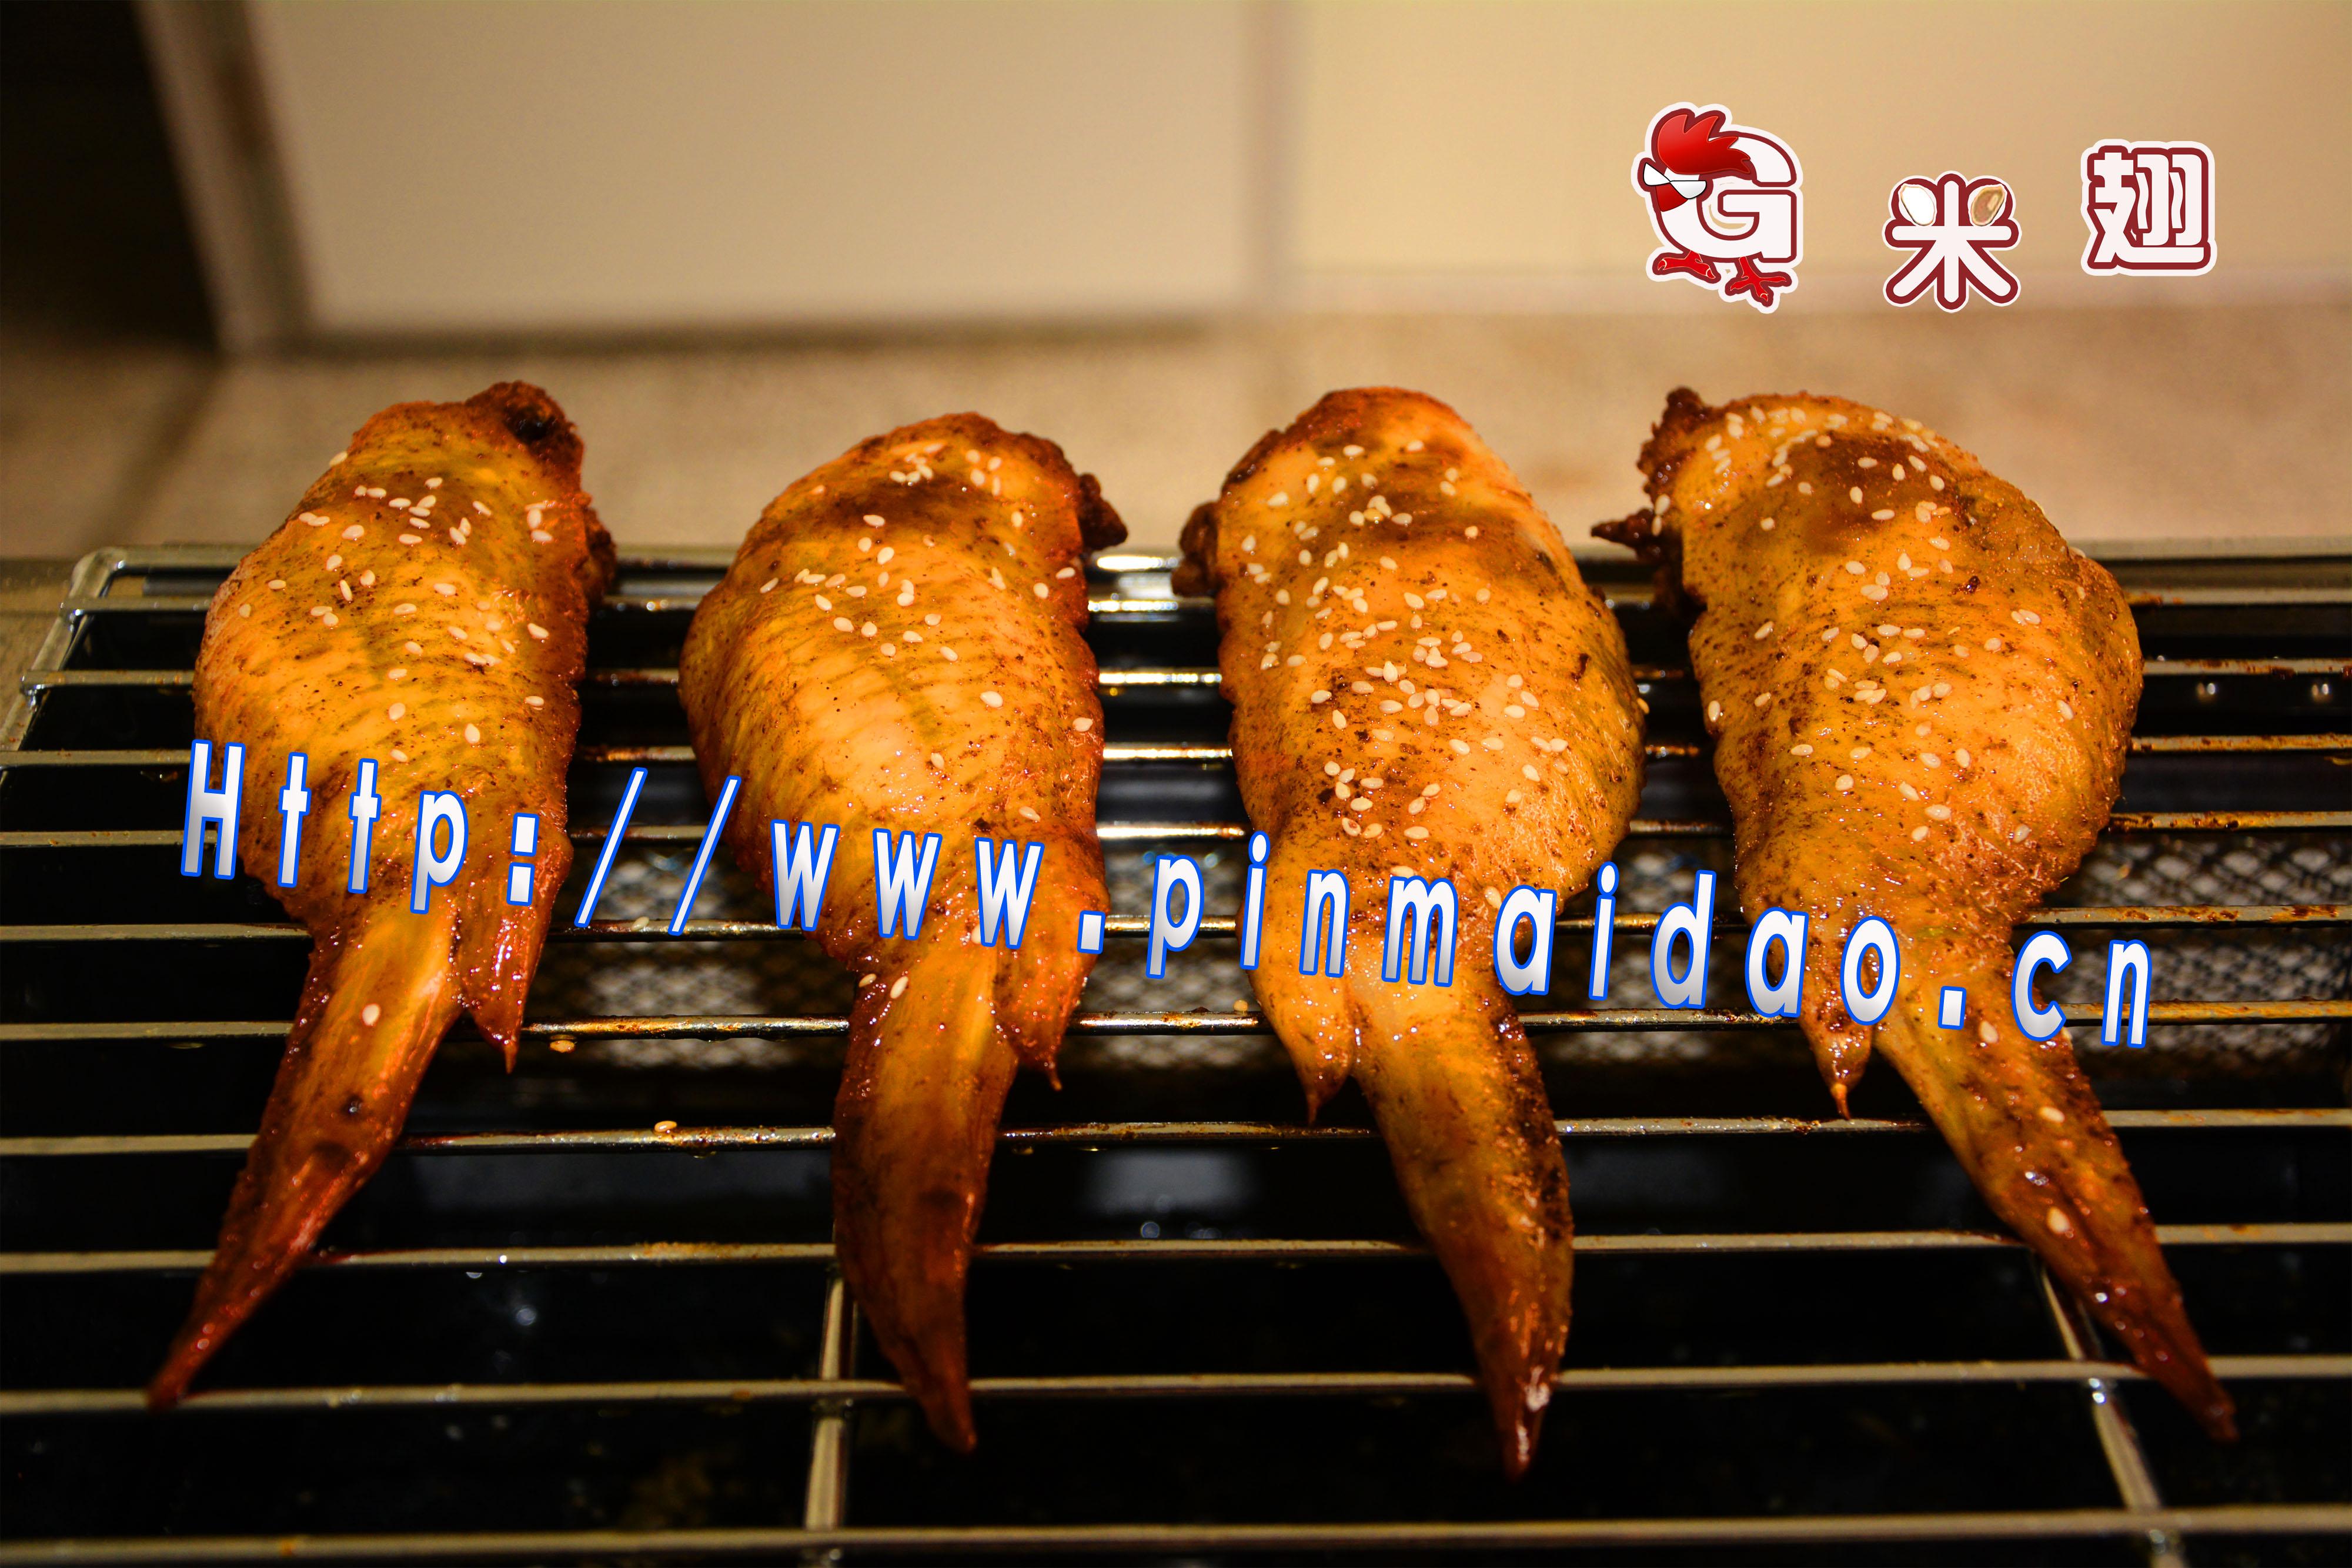 价格实惠的鸡翅包饭 哪儿有热门鸡翅包饭批发市场